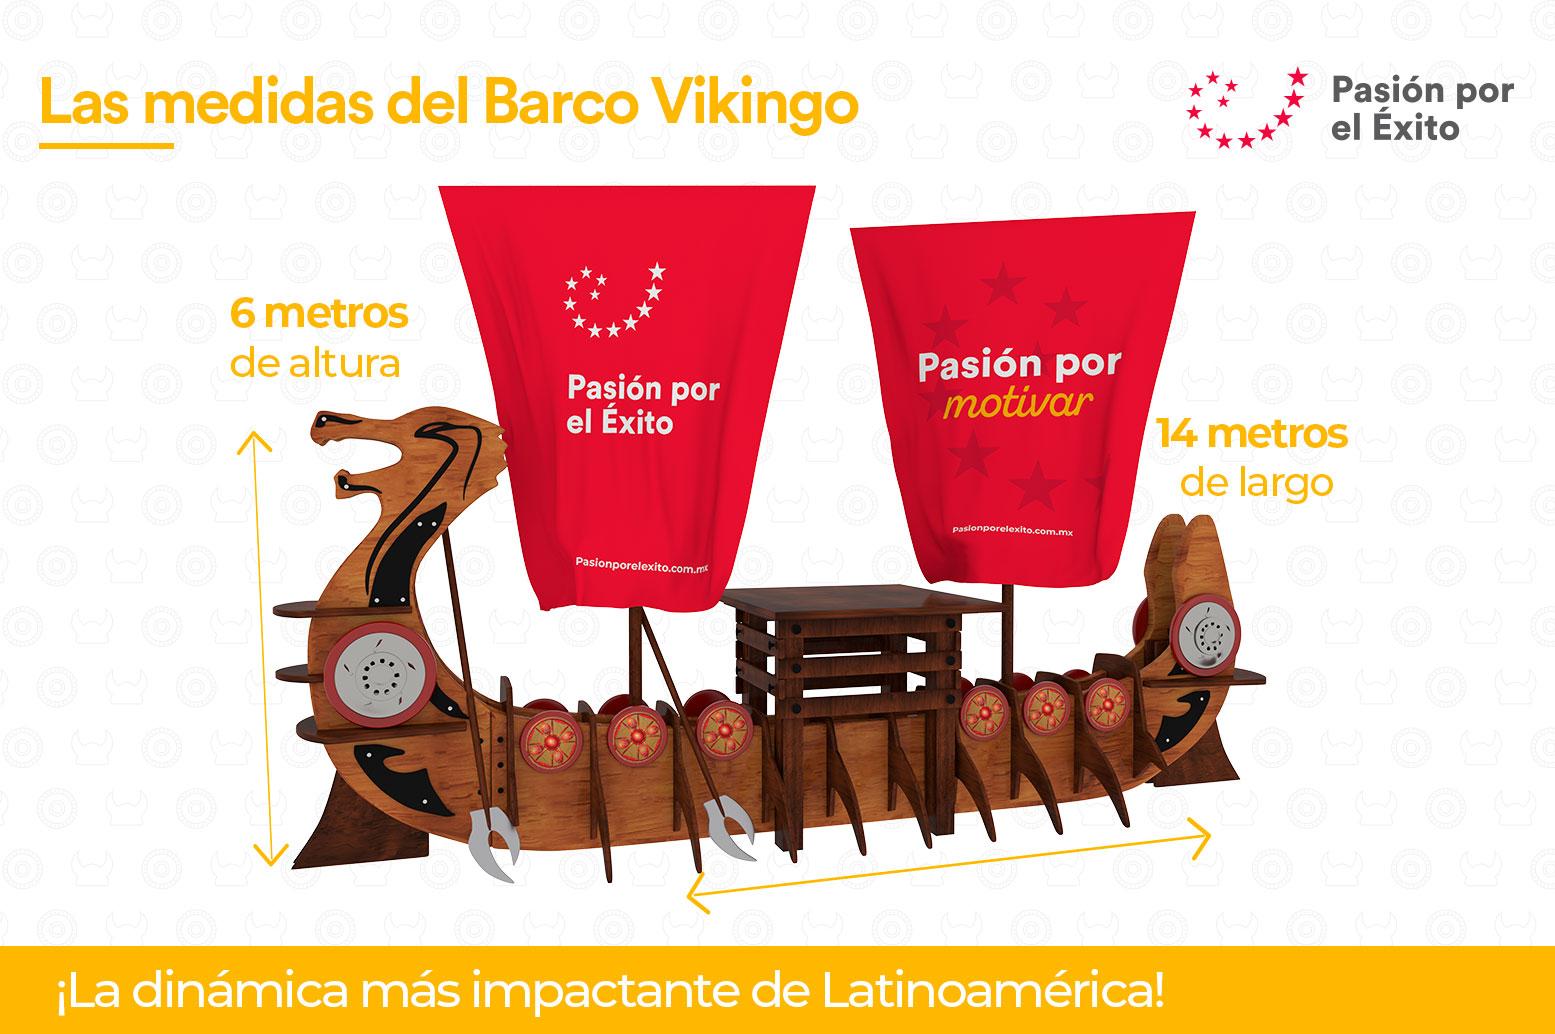 dinamica-de-integracion-y-team-building-render-barco-vikingo